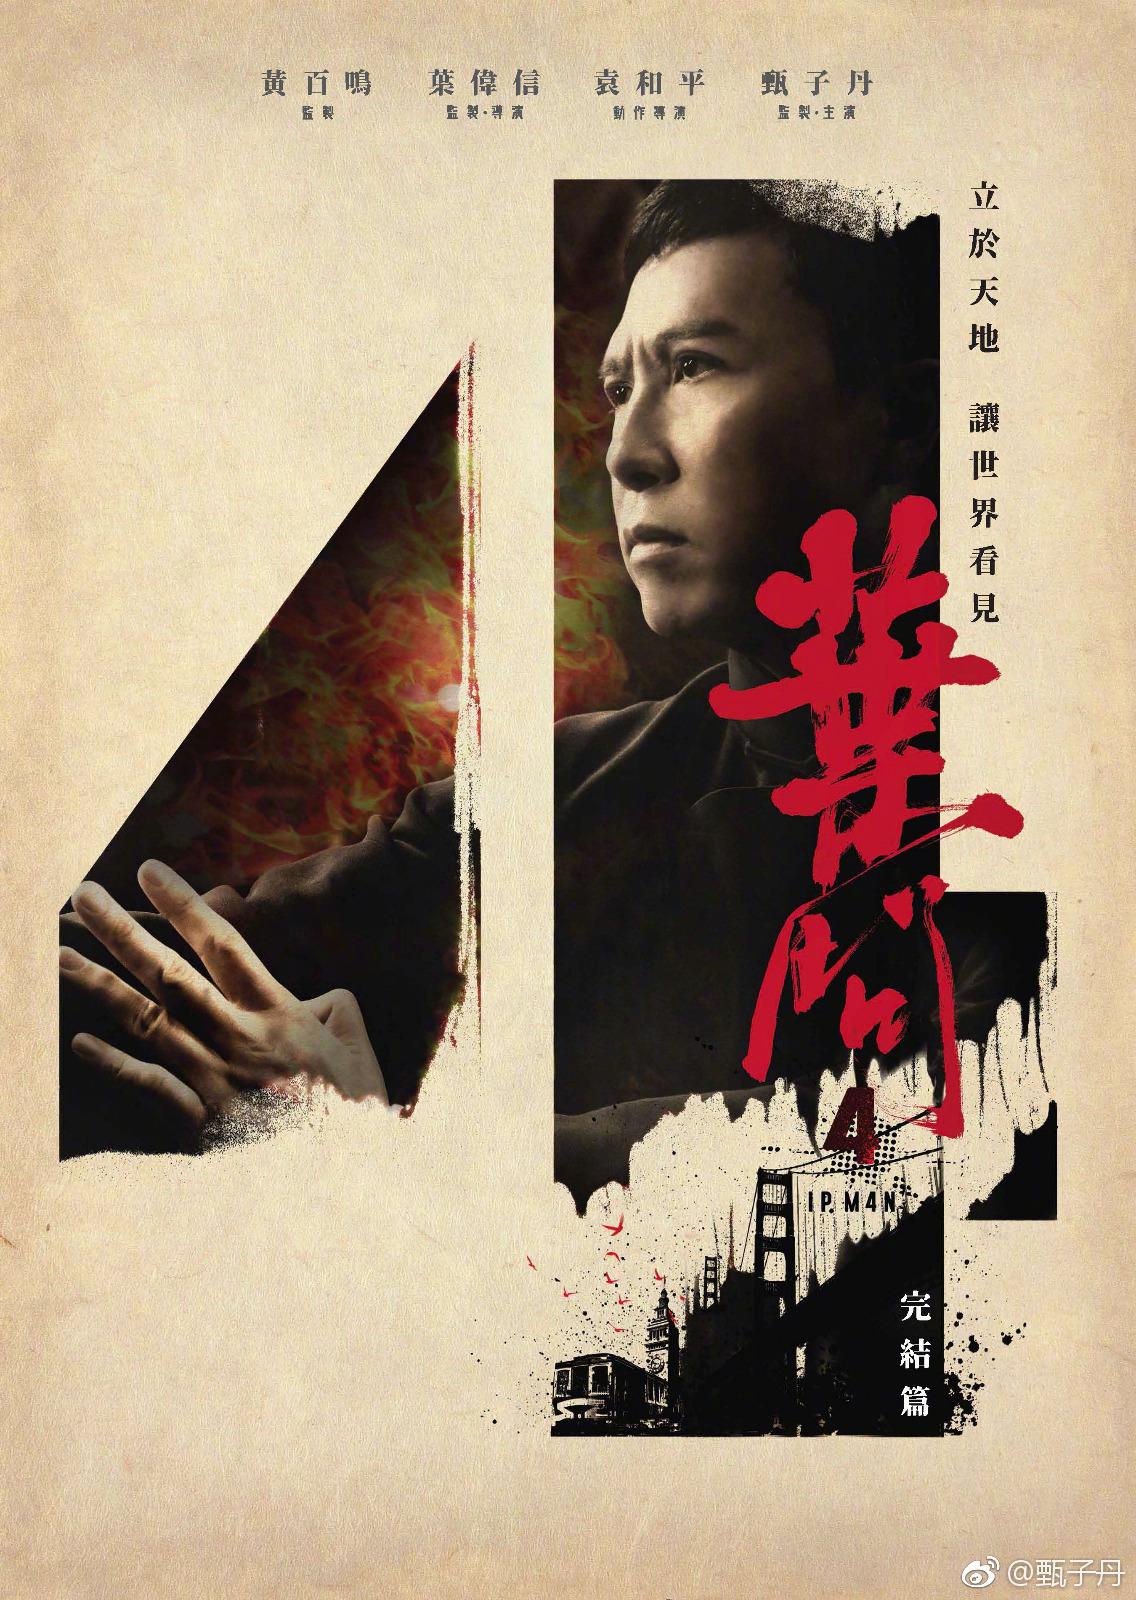 《叶问4》首个海报和预告发布 确认将是系列完结篇